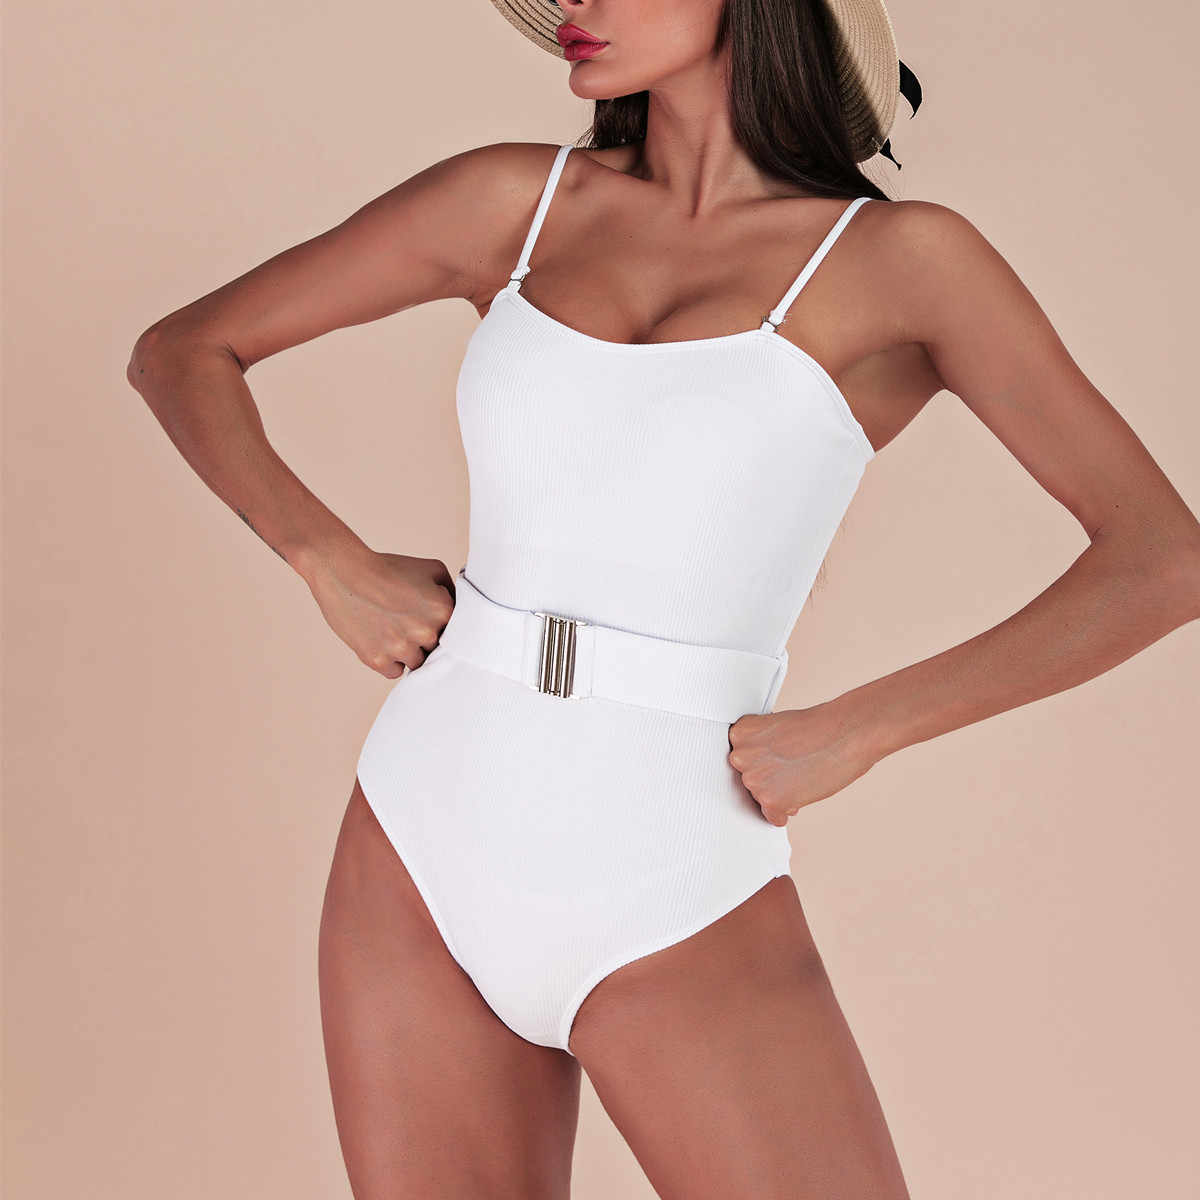 Biquinis 2019 mulher de cintura alta um pedaço maiô push up mulher maiô sheer bikini cintura alta micro tanga bikni